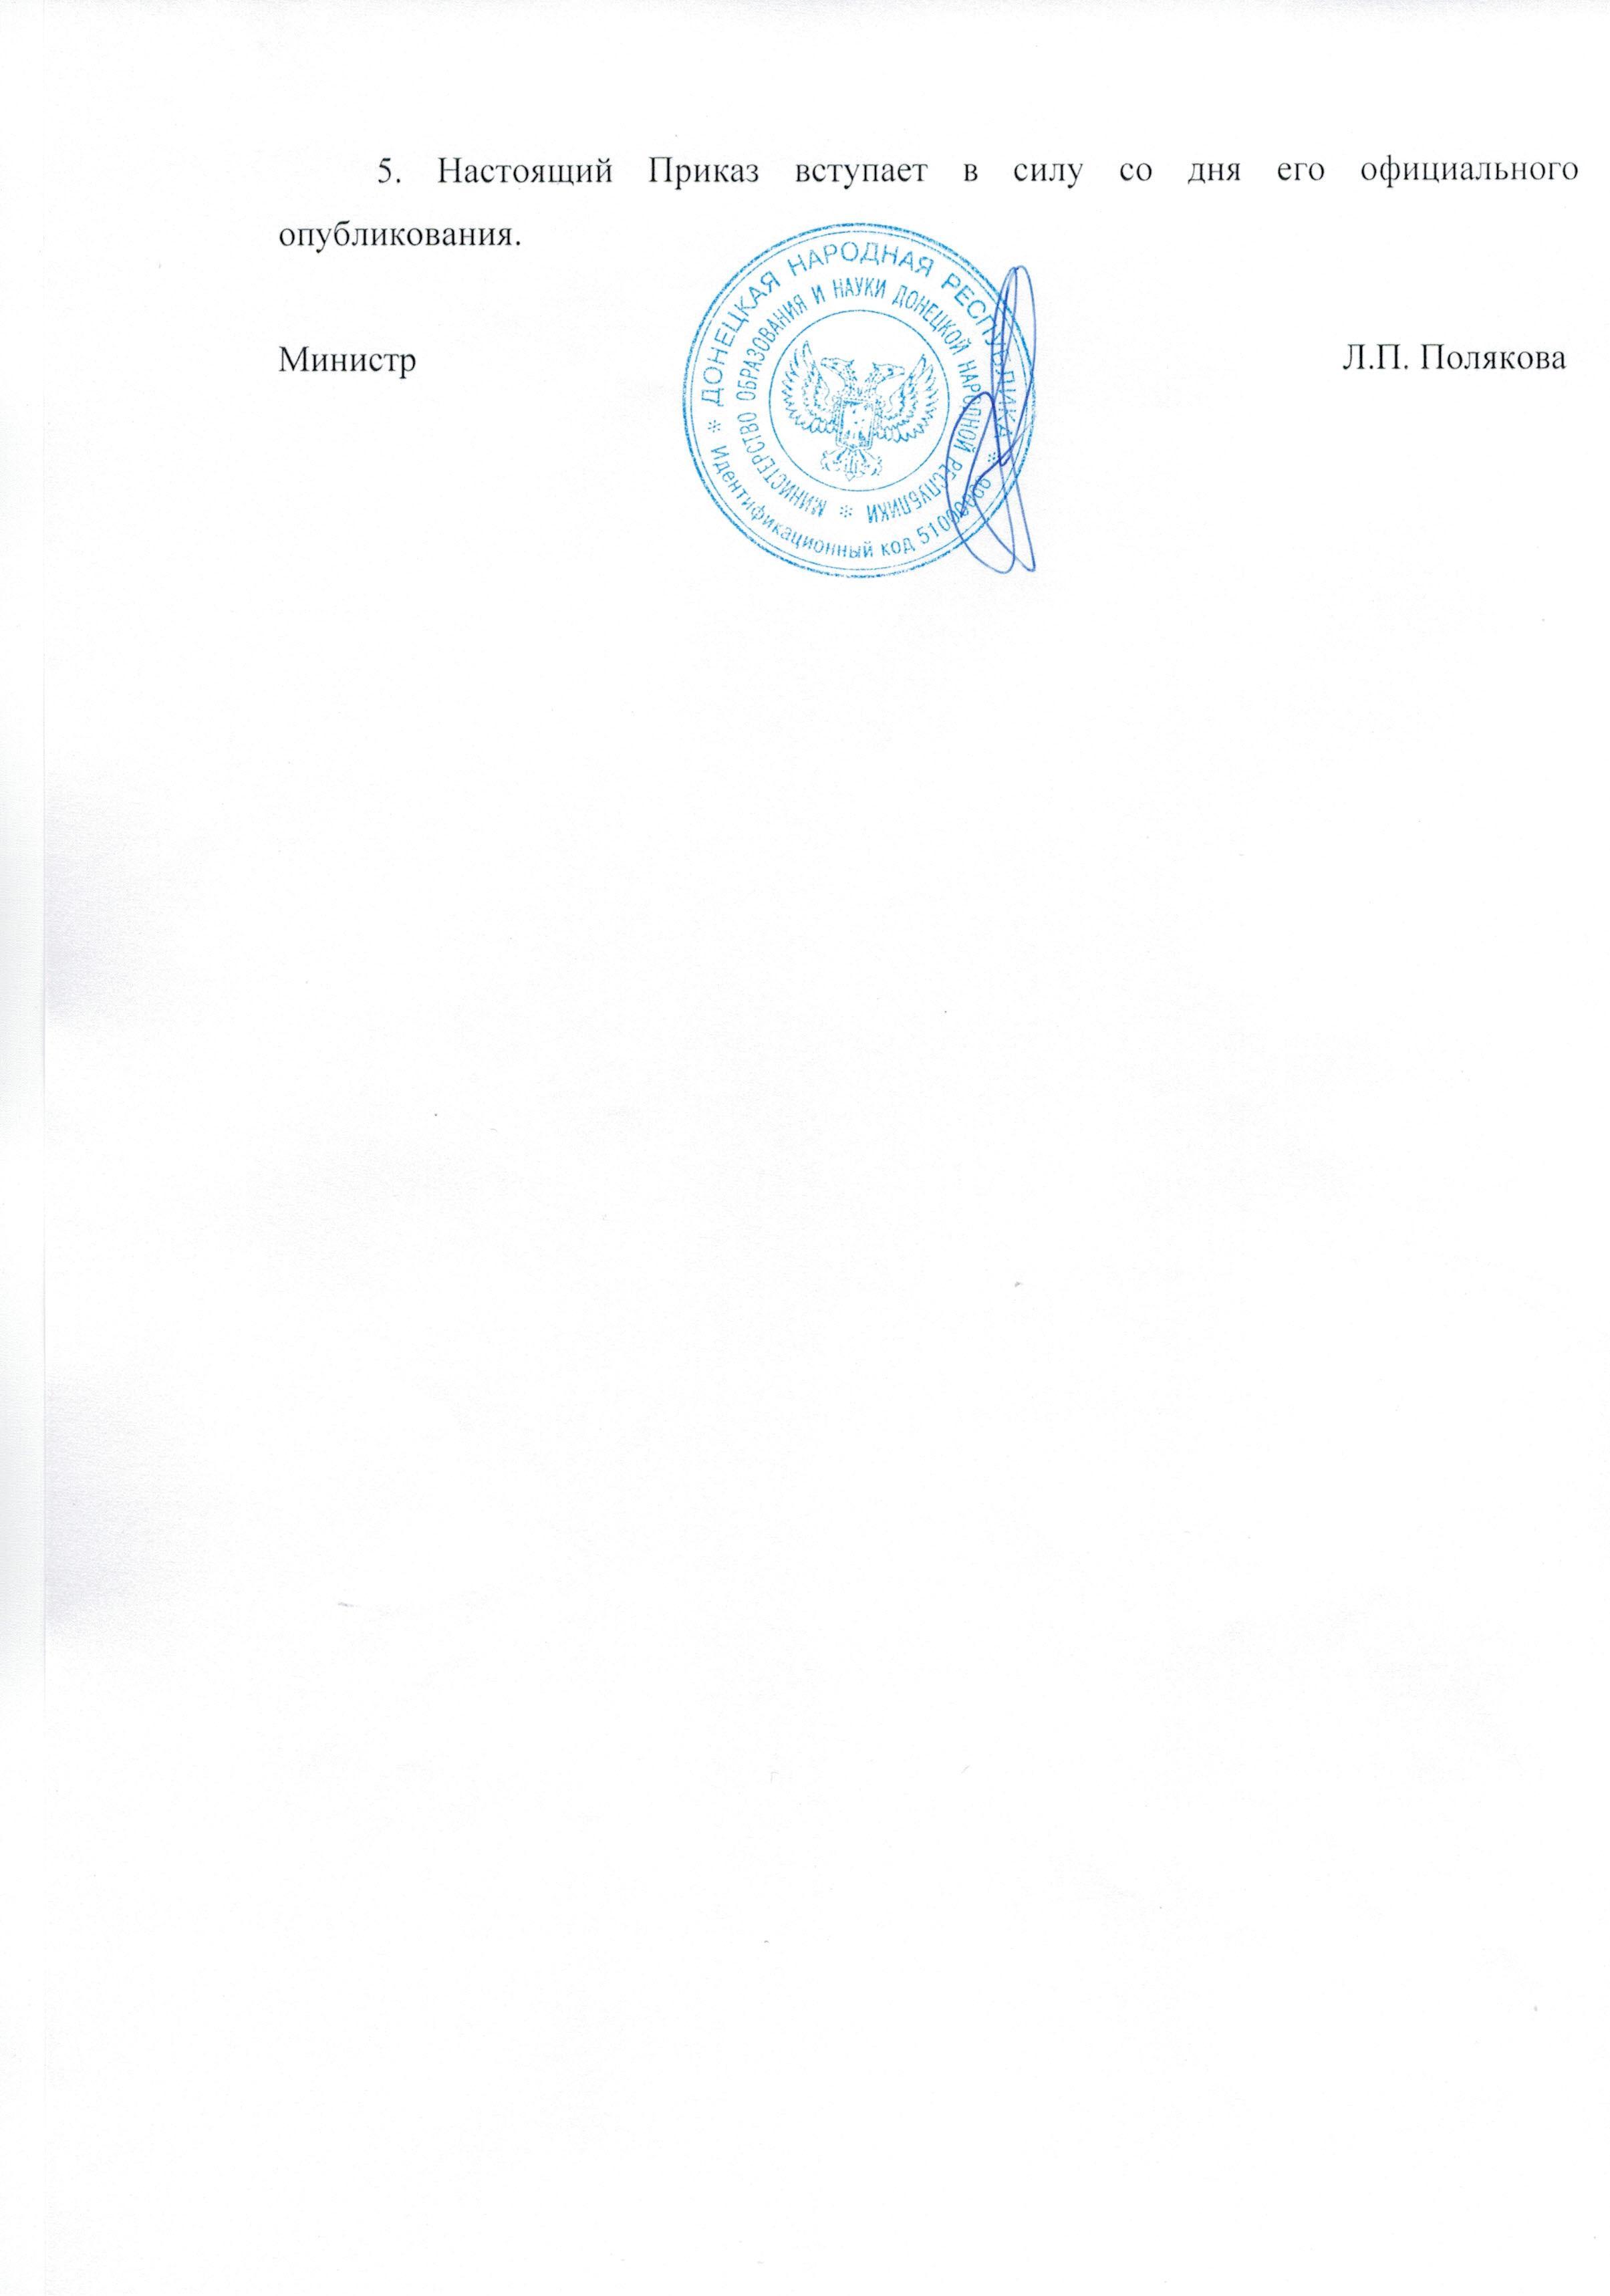 Контрольные цифры приема ДонНАСА pr n671 ot 23 06 17 kontrolnye tsifry priema v asp turu 0003 jpg